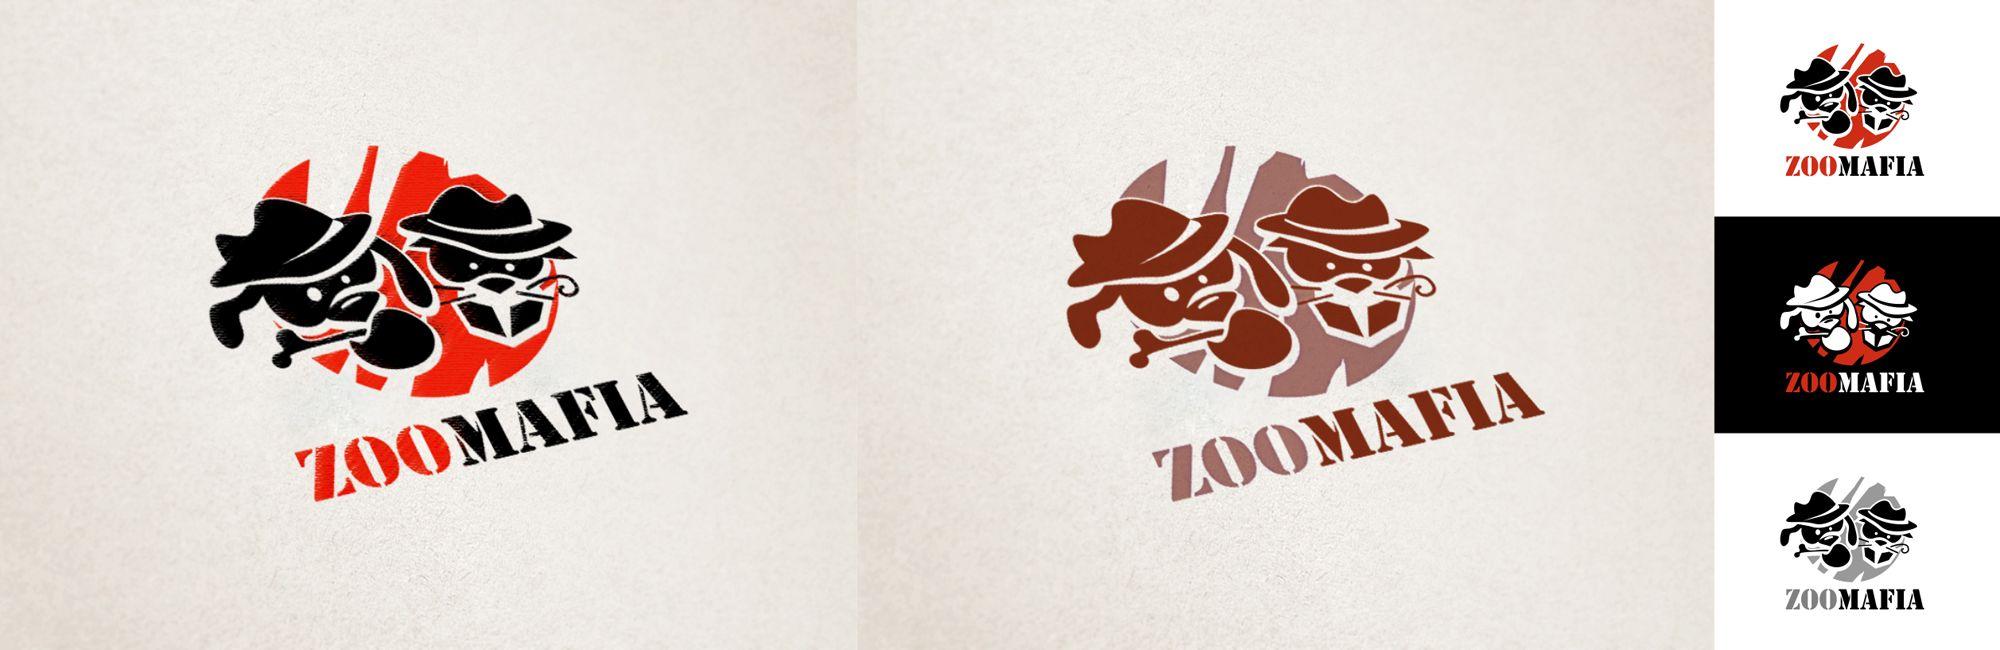 Логотип для интернет магазина зоотоваров - дизайнер Hanterka